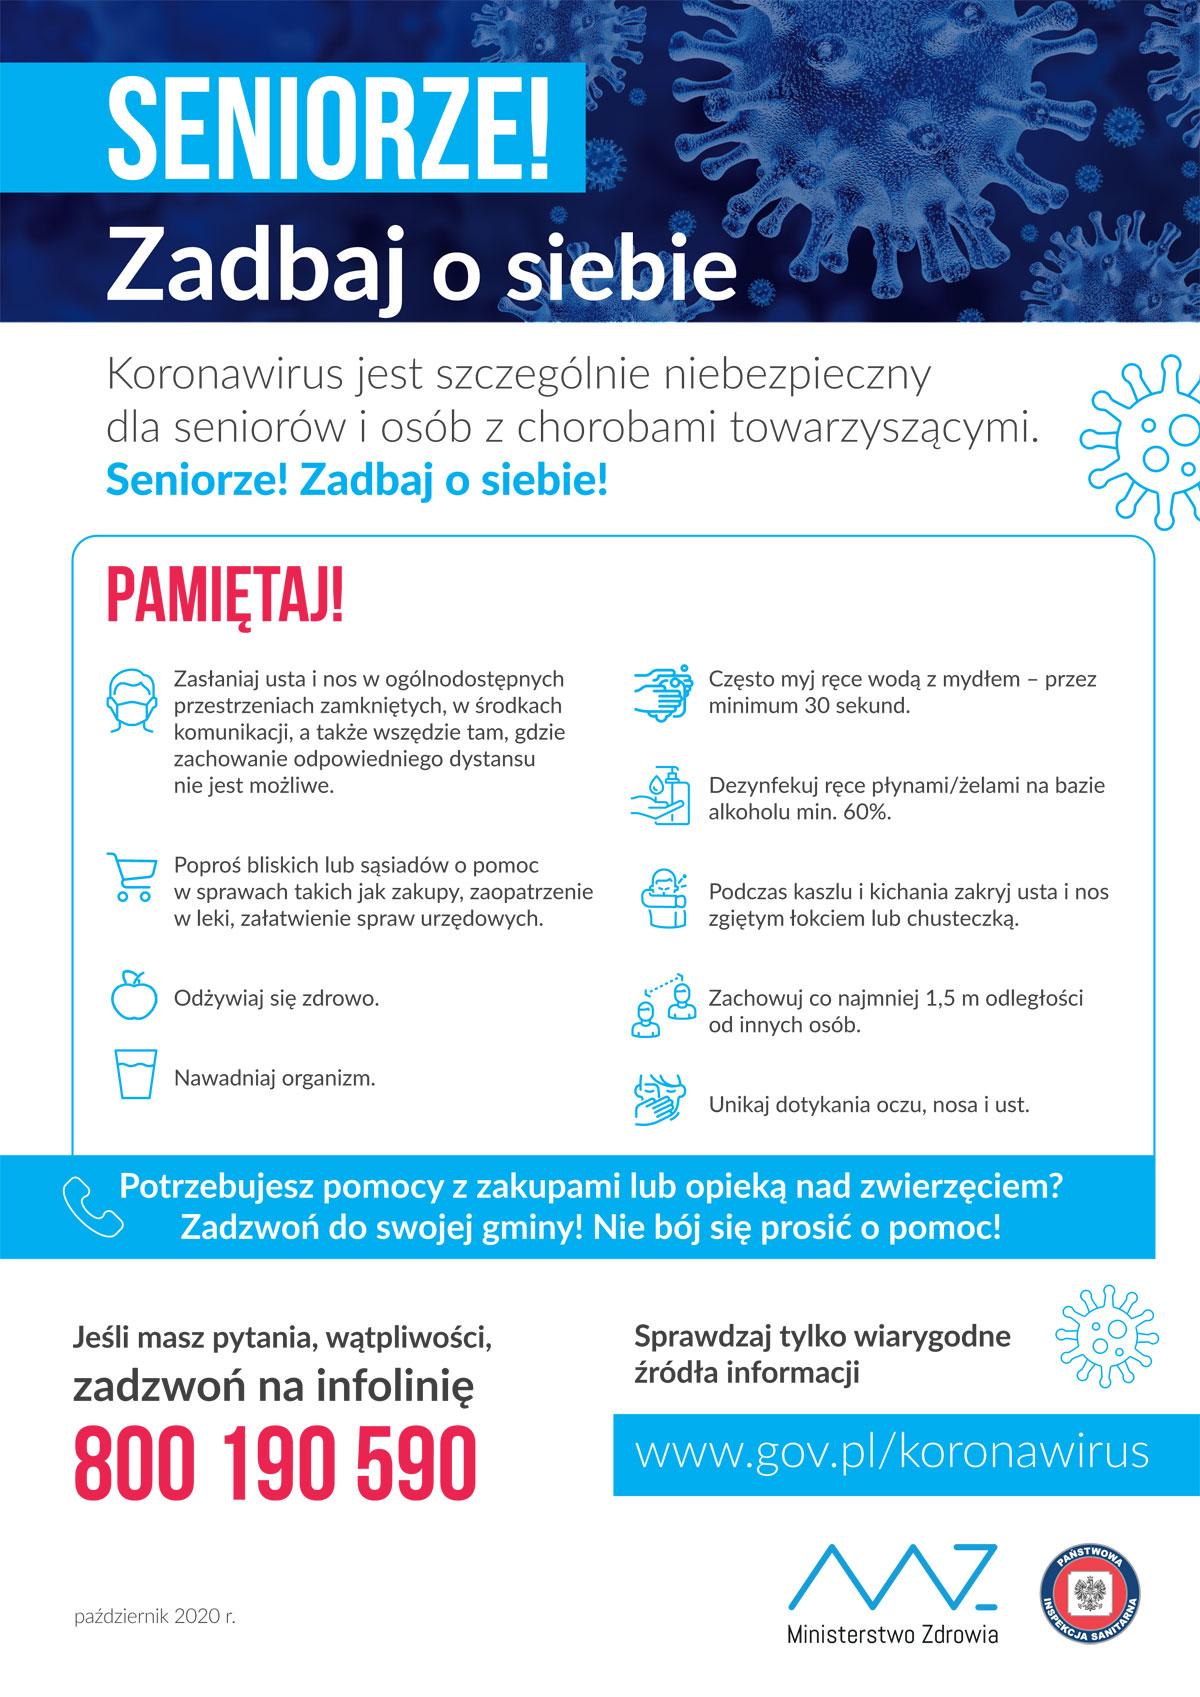 Plakat COVID-19: informacje dla seniorów